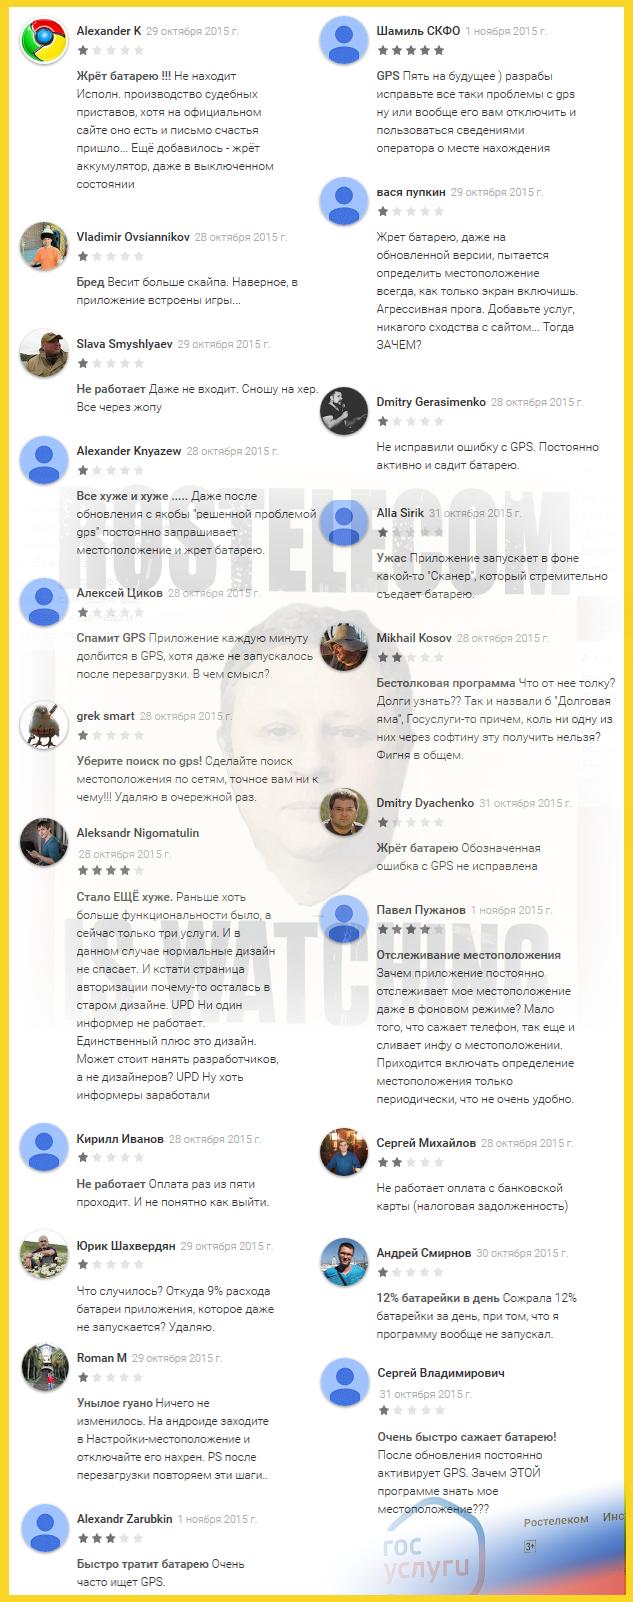 Ростелеком, Госуслуги, ноябрь 2015 отзывы и жалобы на постоянное обращение к GPS, определение координат смартфона